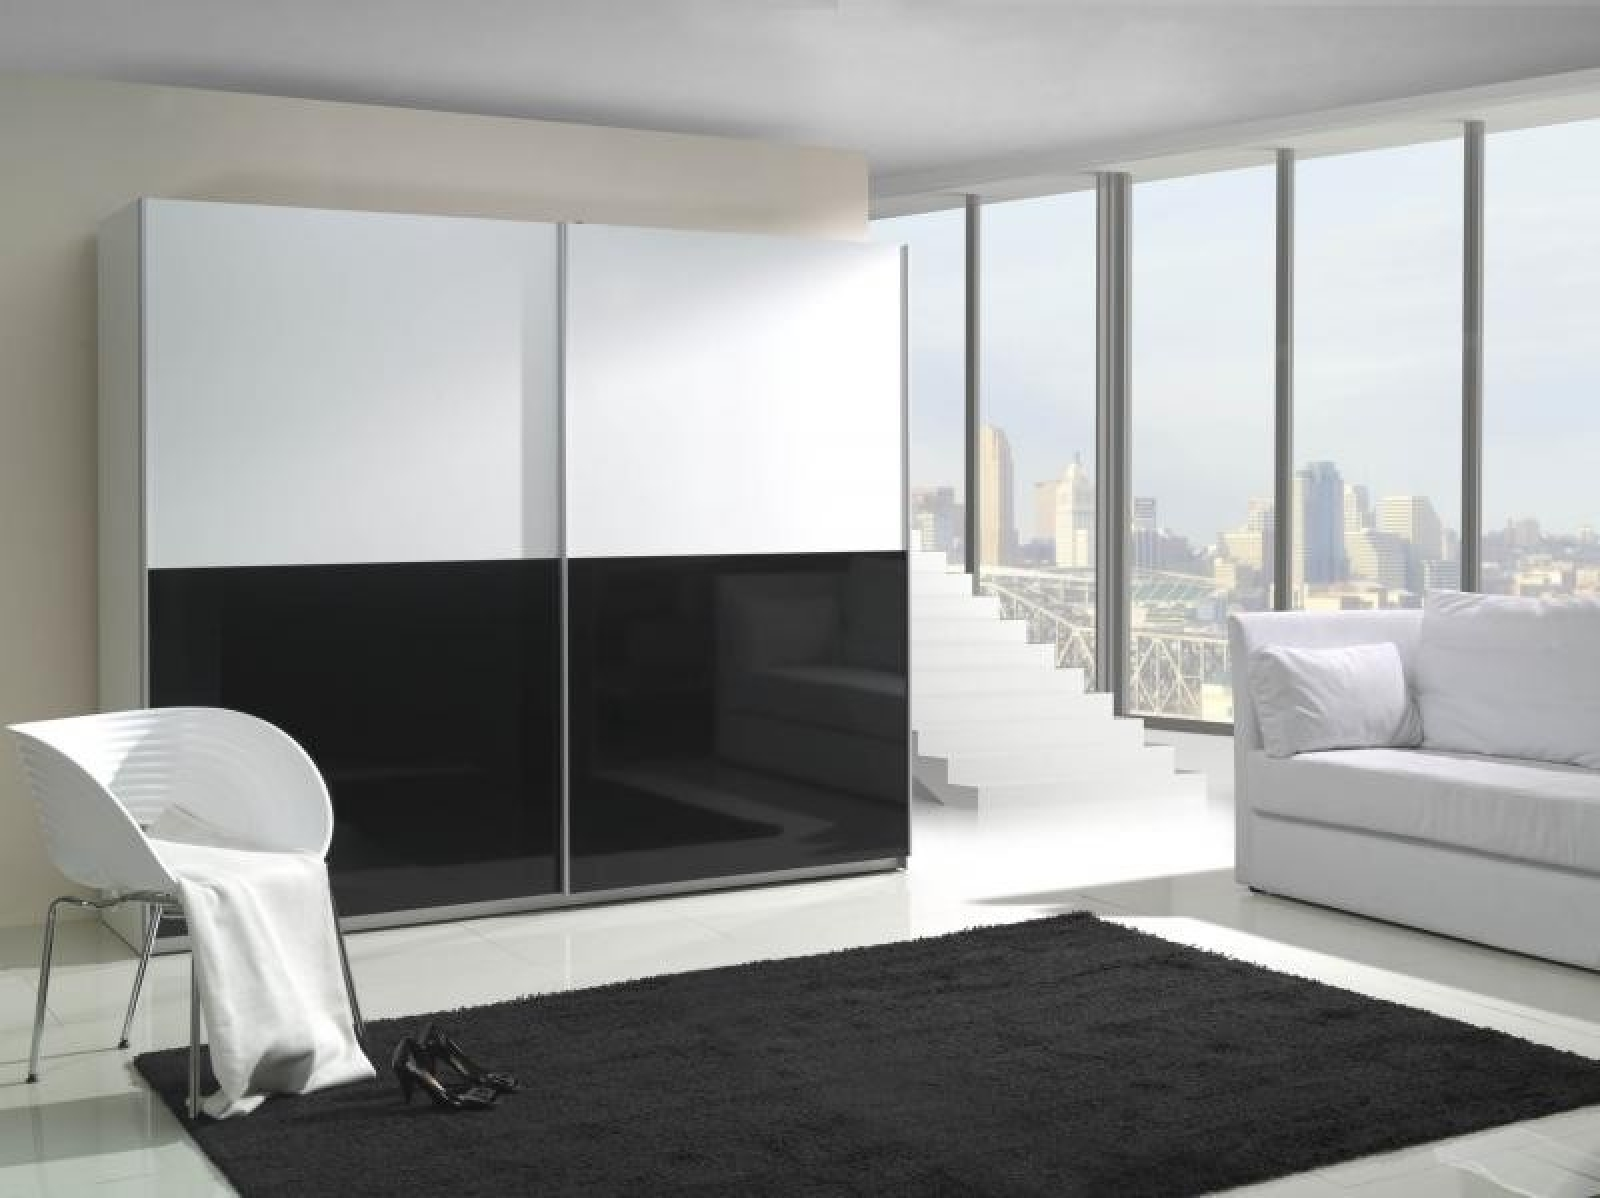 Kleiderschrank schiebetüren weiß hochglanz  KAUFEXPERT - Schwebetürenschrank 244 cm Prestige 5 Weiß Schwarz ...